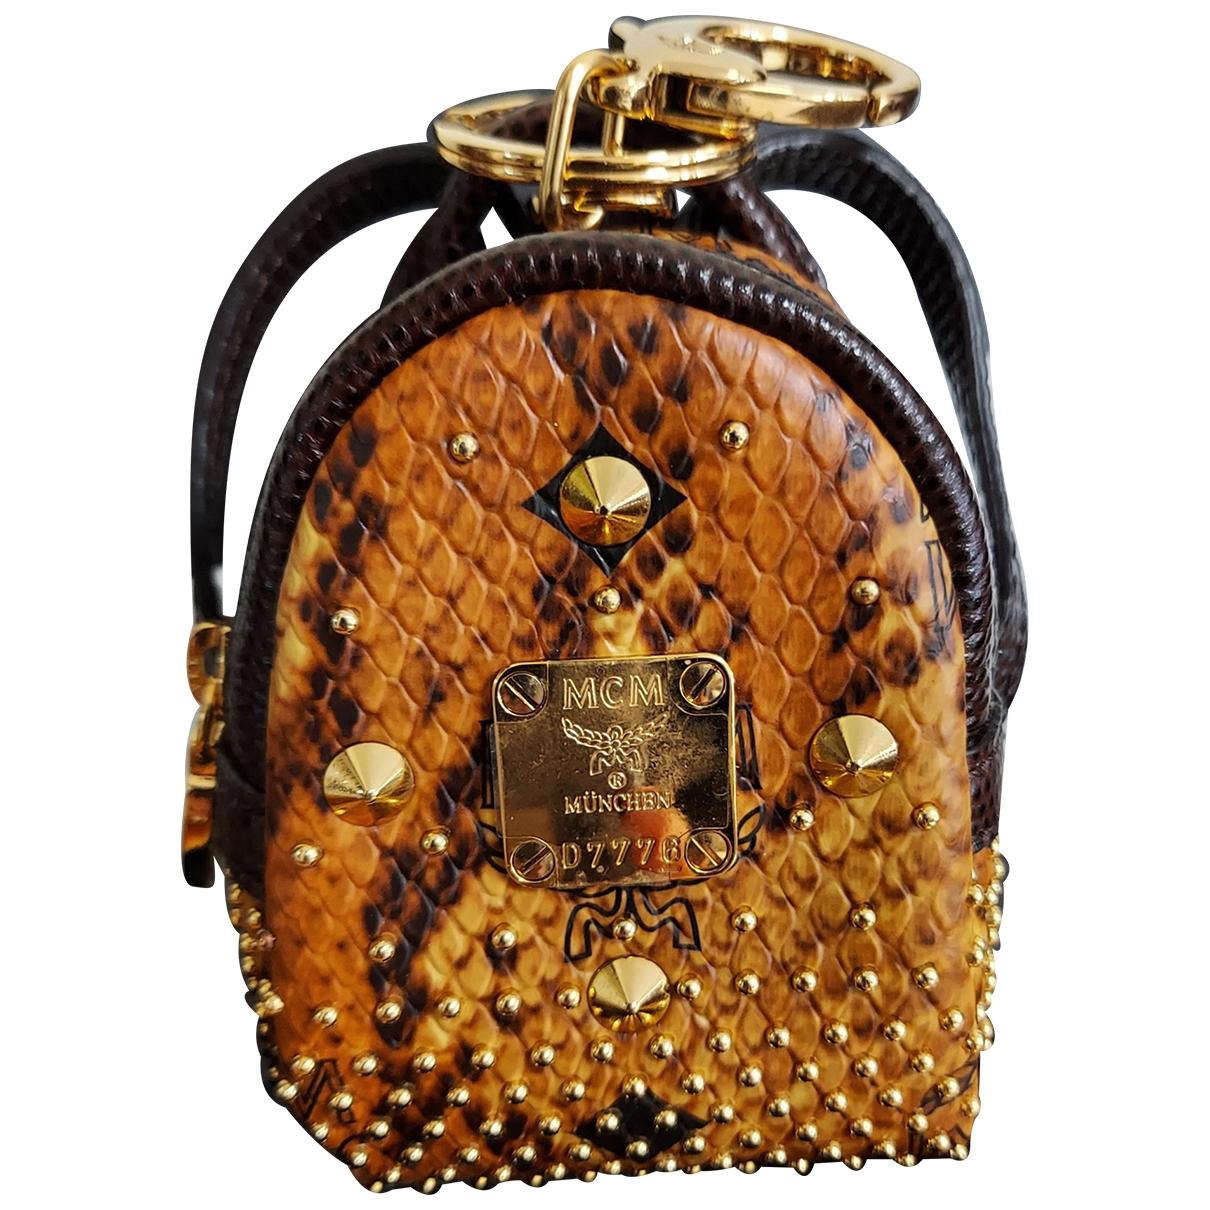 Mcm - Bijoux de sac   pour femme en cuir - marron